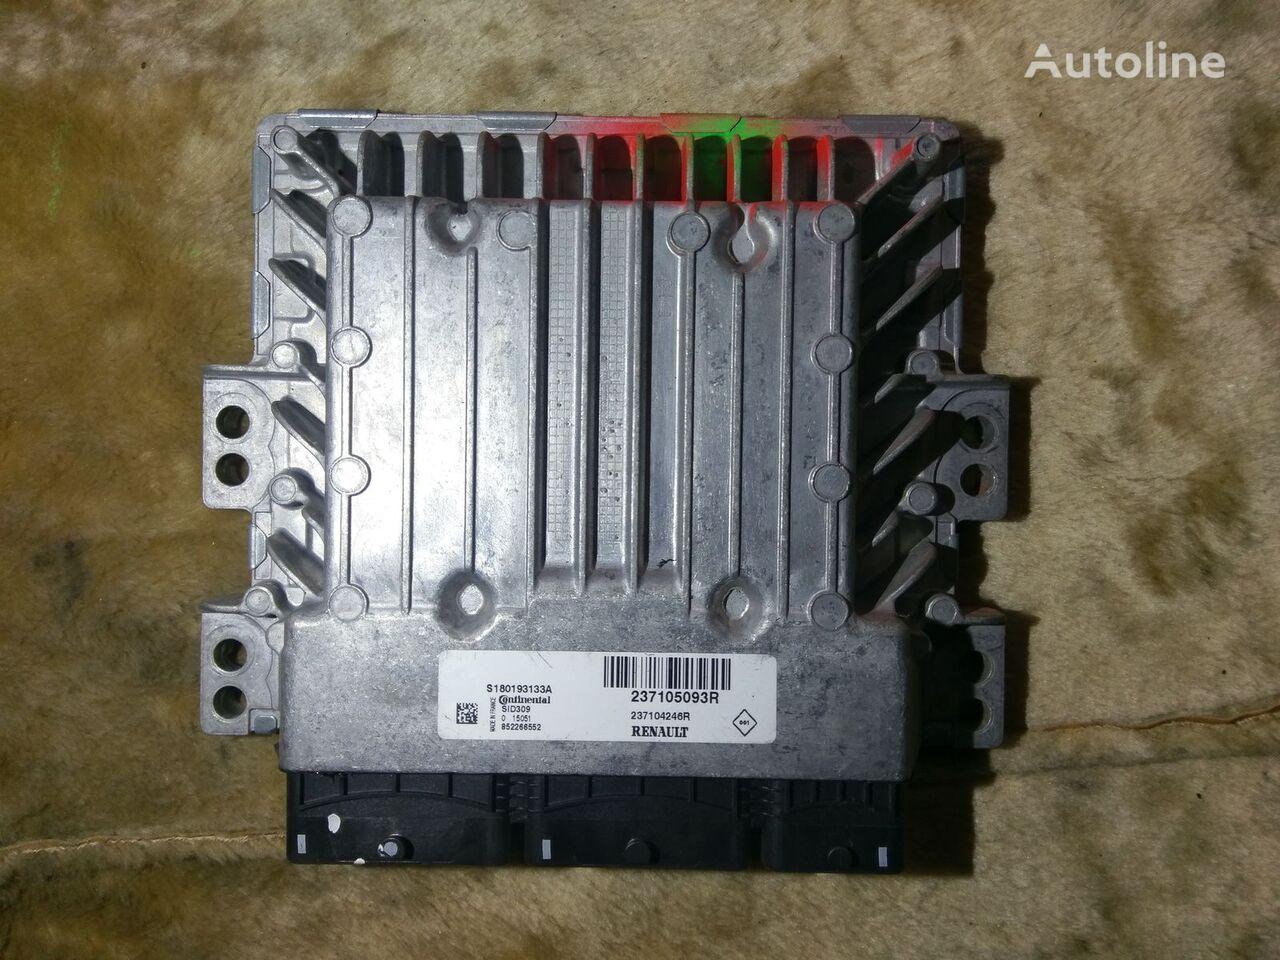 jednostka sterująca Continental 237105093R 237104246R S180193133A do samochodu RENAULT MOVANO